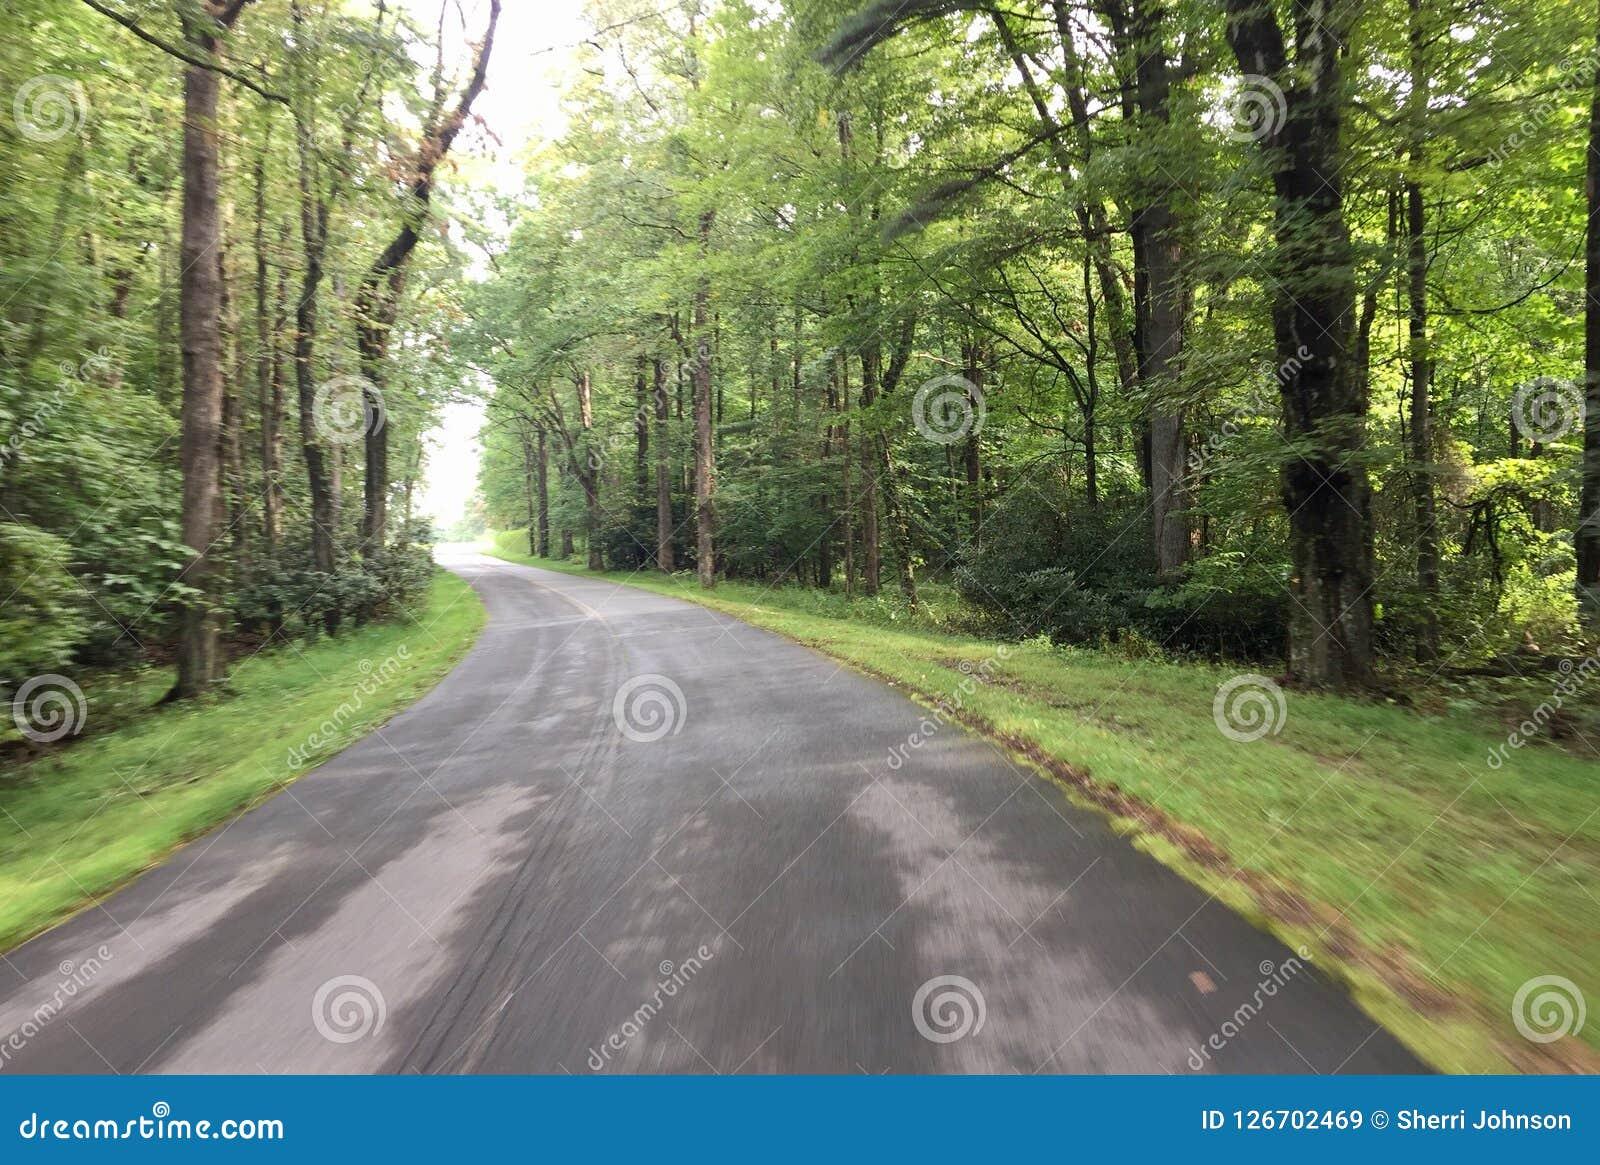 Gebogen weg die in het bos gaan